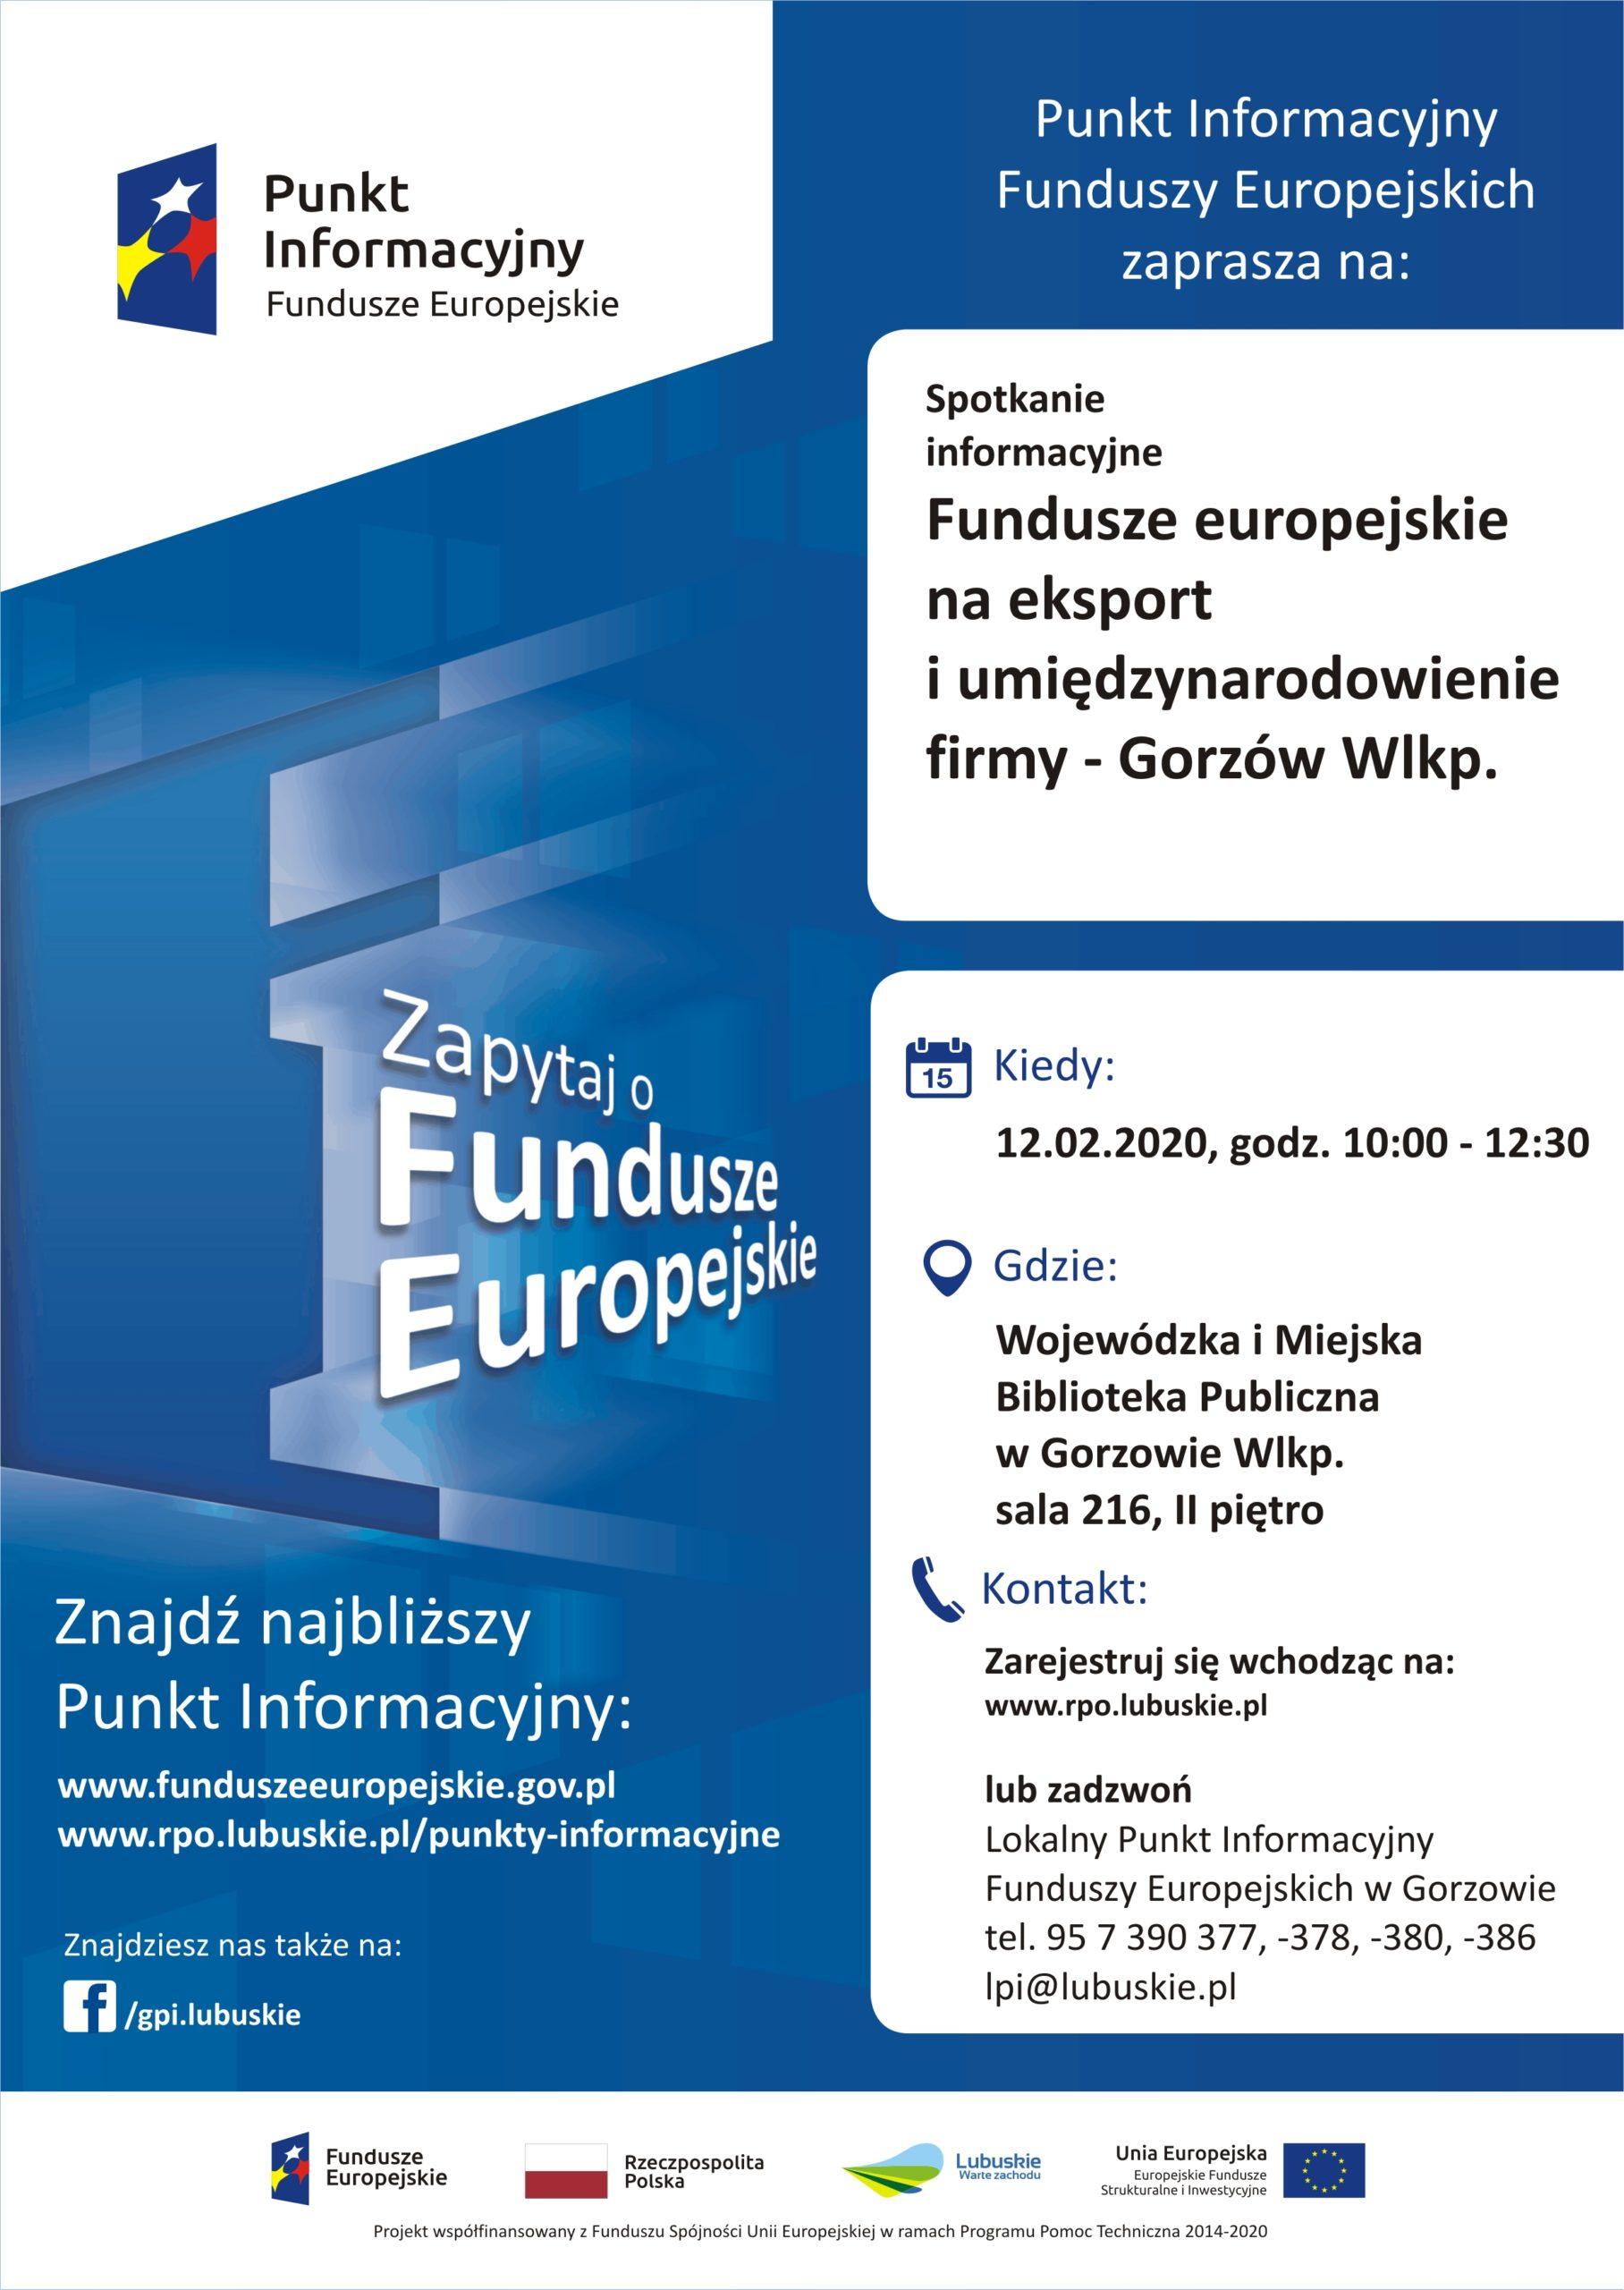 Jak zdobyć unijne fundusze na eksport i umiędzynarodowienie firmy? Specjaliści podpowiedzą!